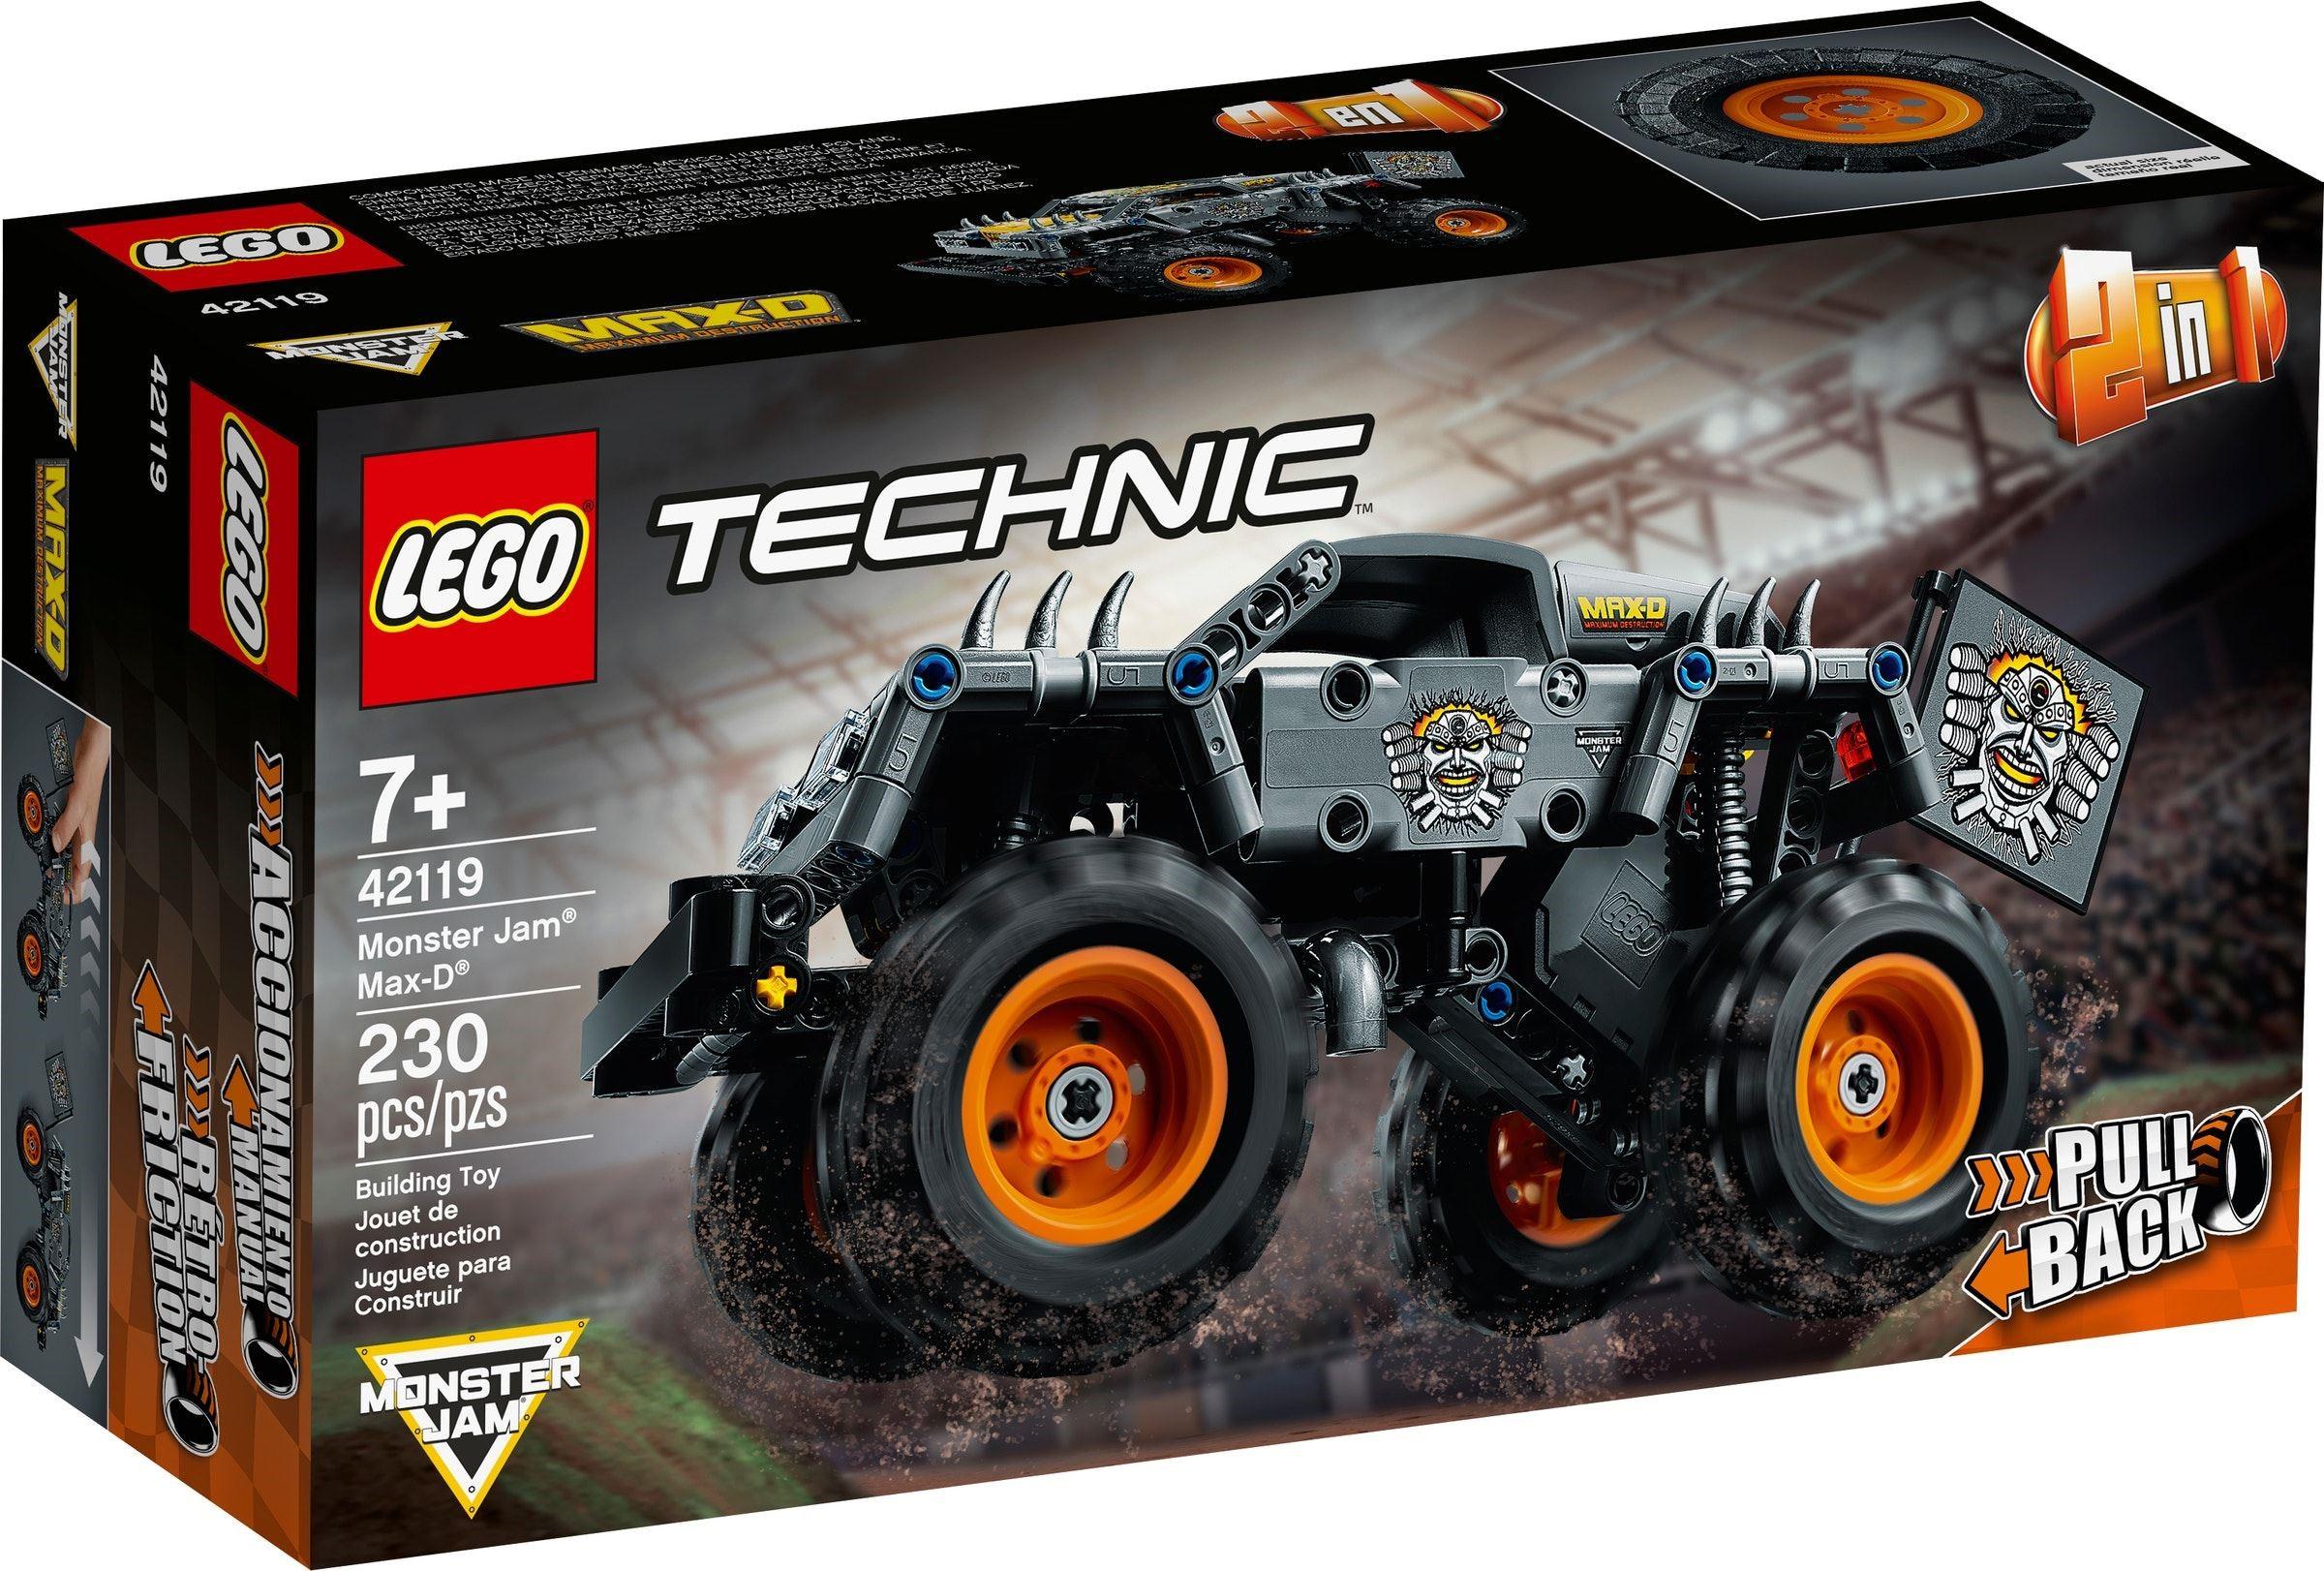 LEGO Technic - Monster Jam - Max-D (42119)